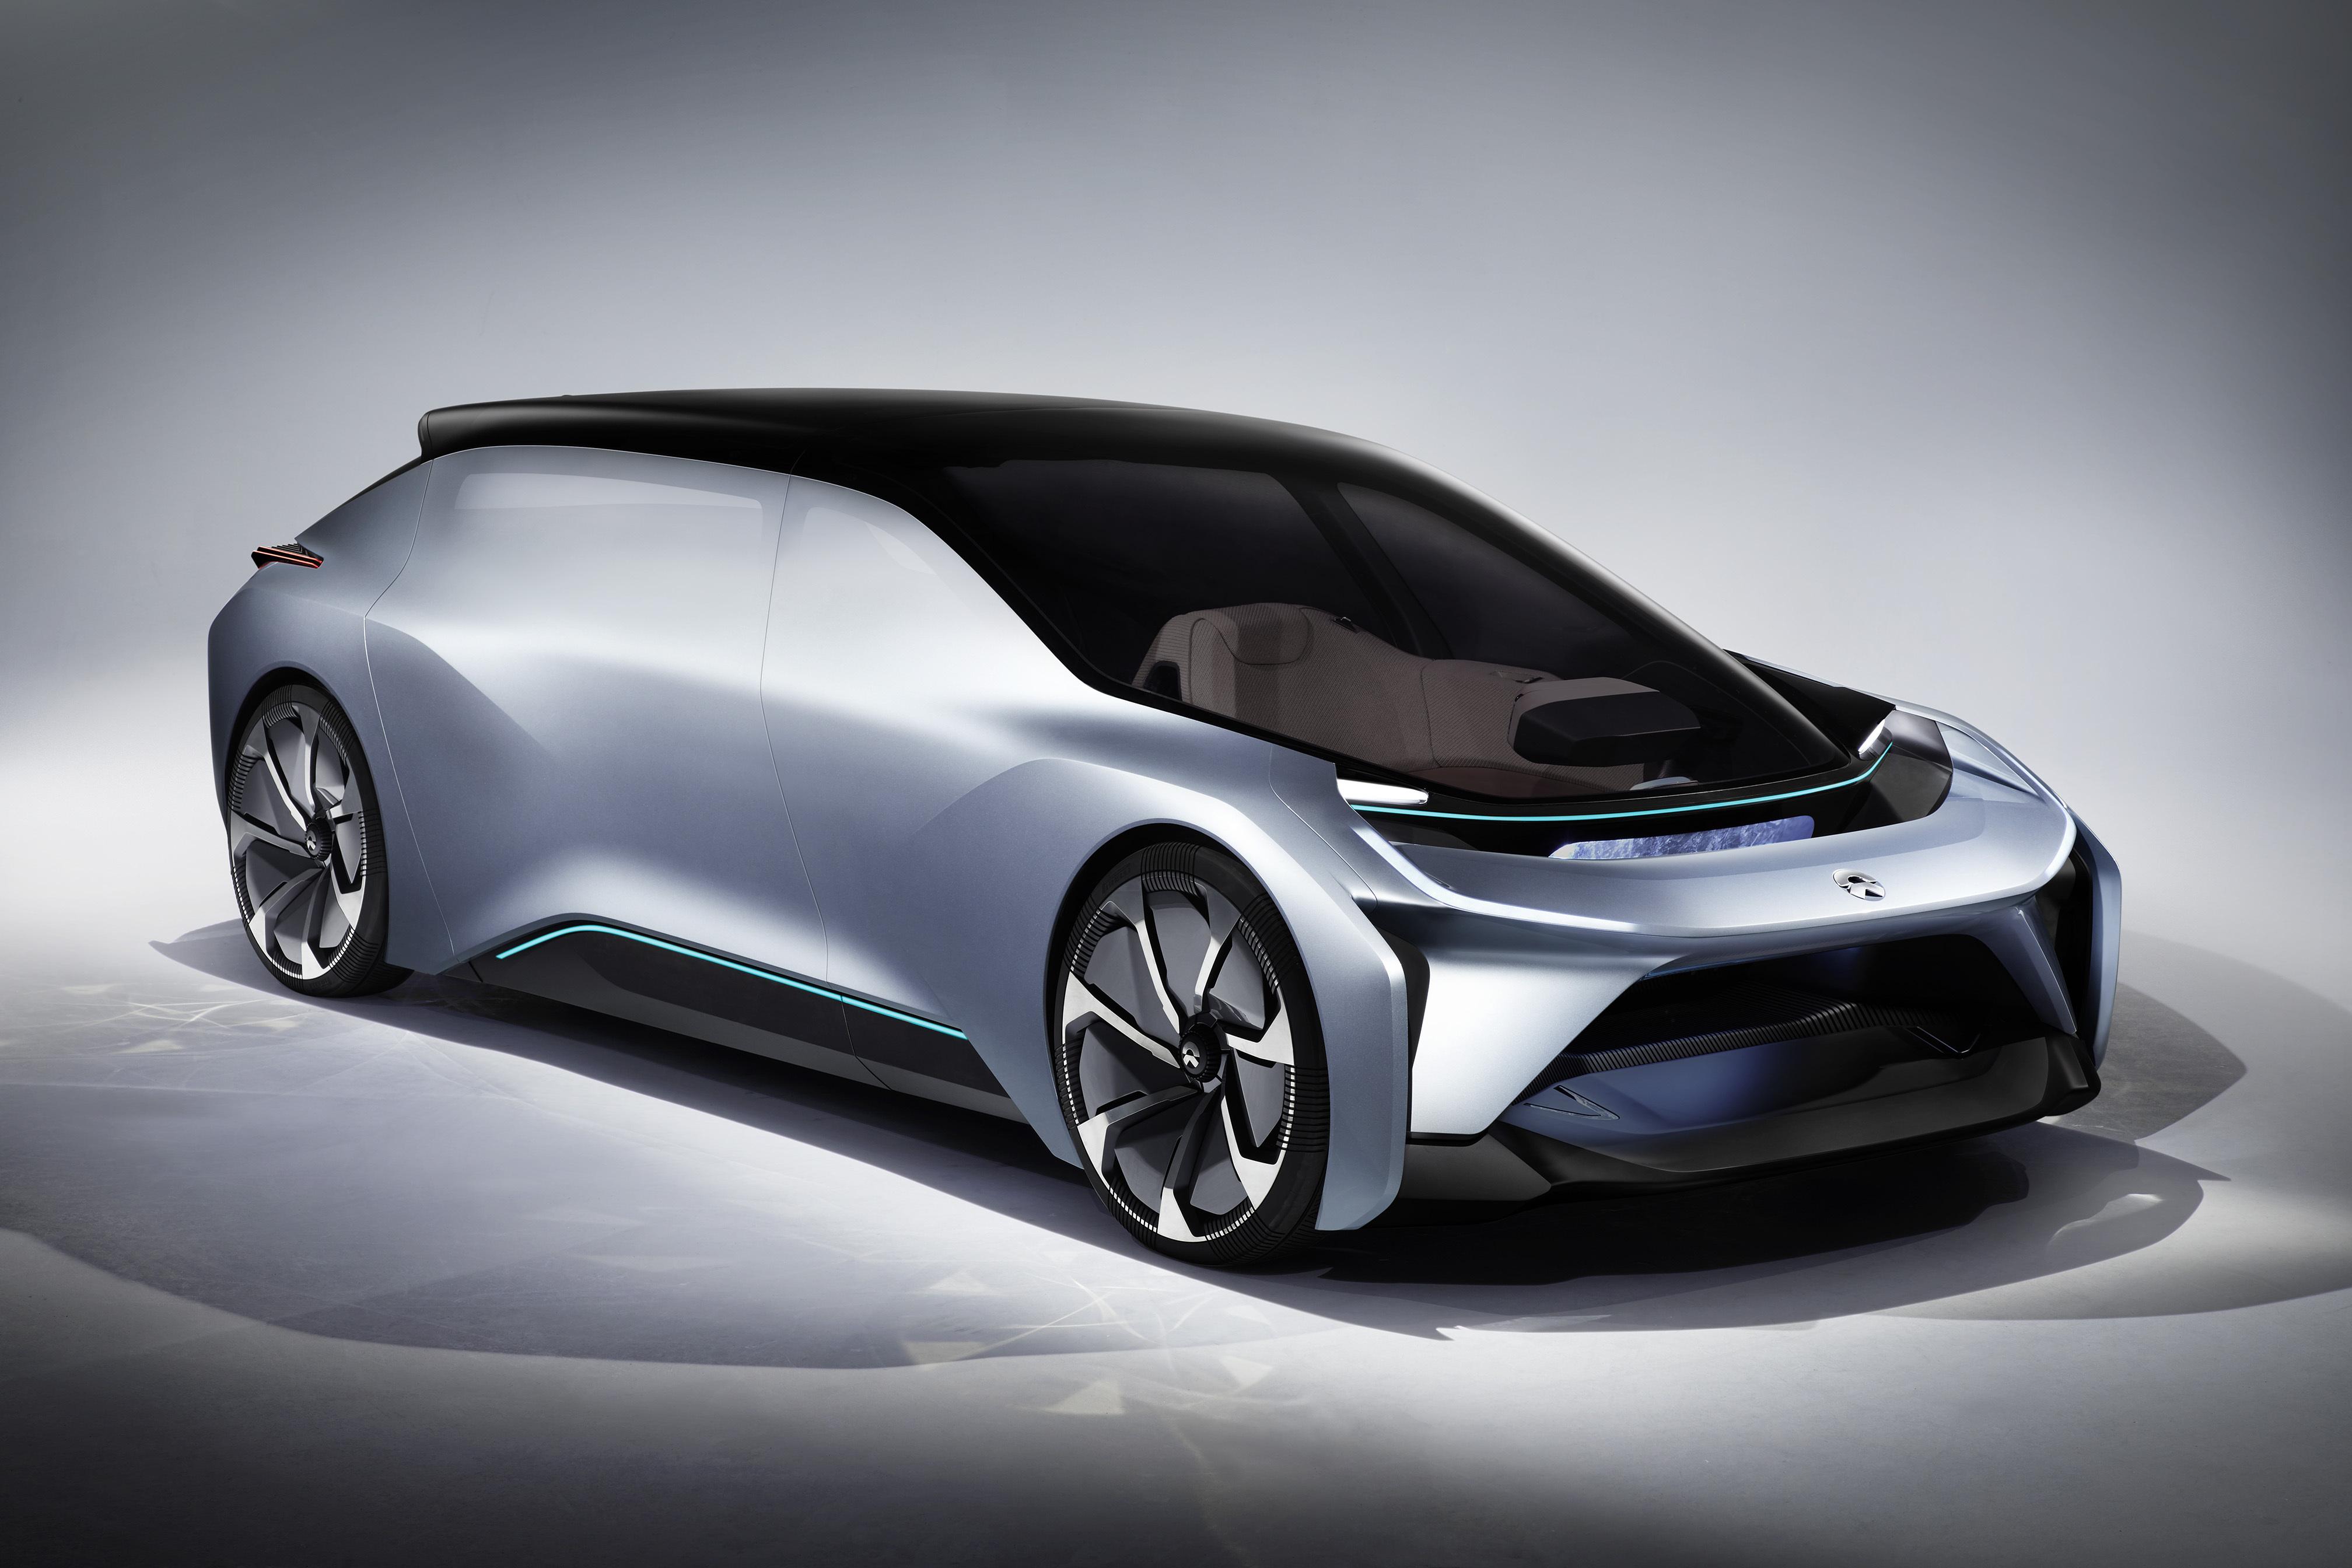 Nio U S Electric Car In 2020 Business Wire